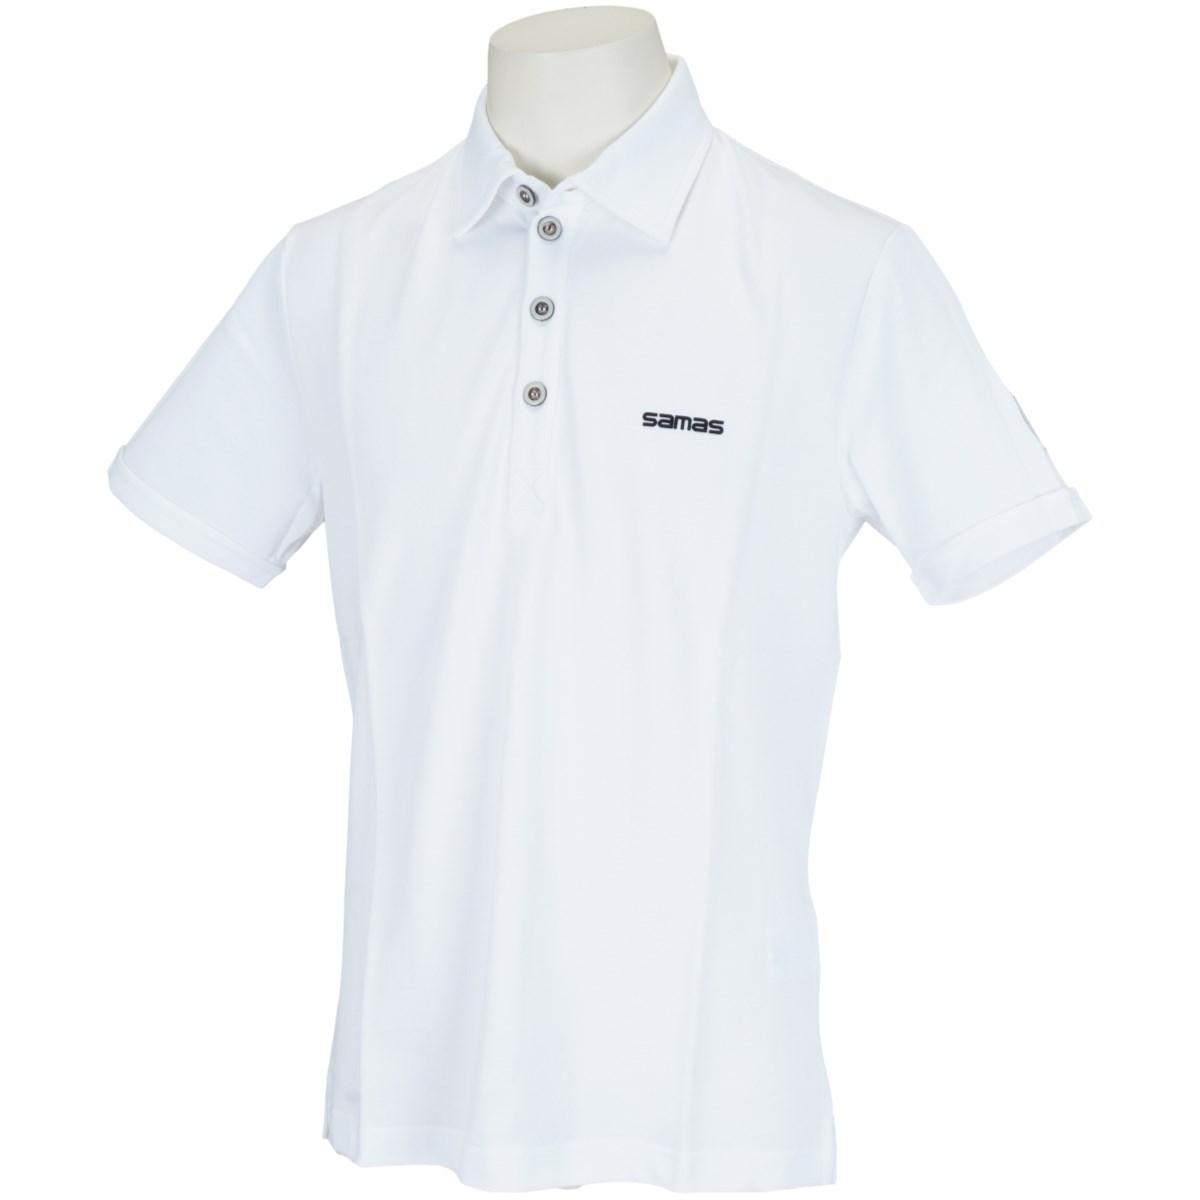 サマス セミスプレッドカラー半袖ポロシャツ